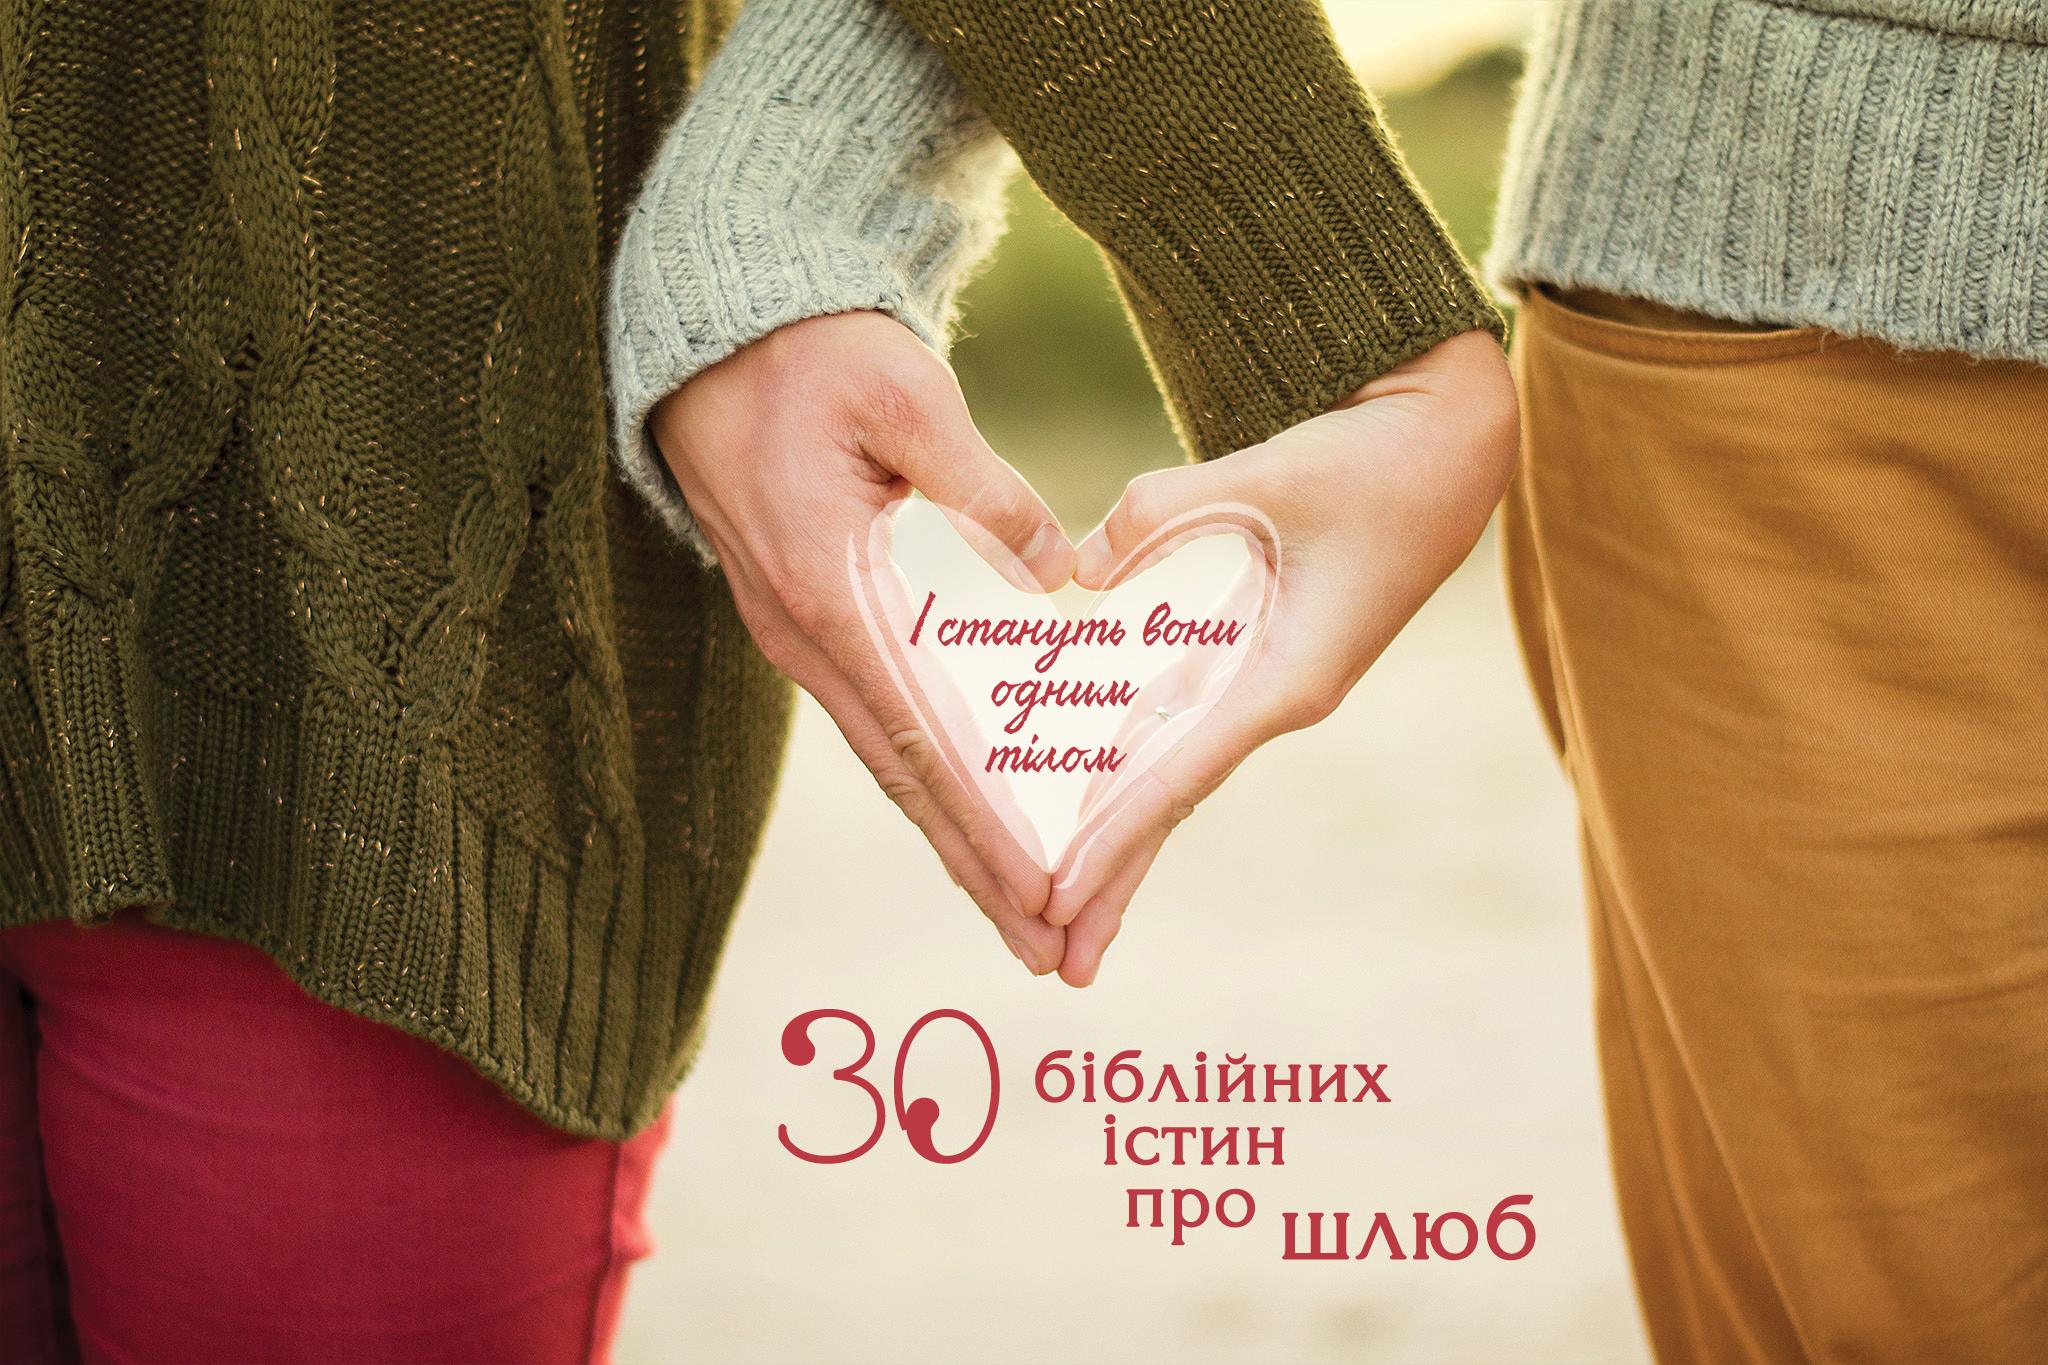 30 біблійних істин про шлюб